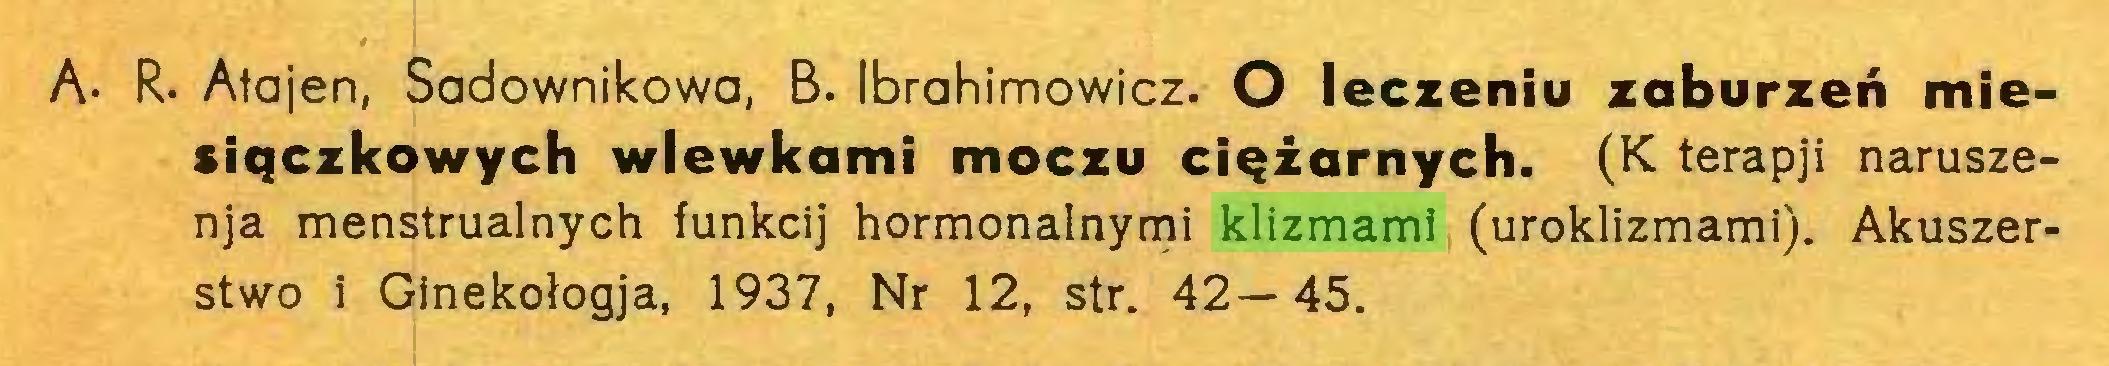 (...) A- R. Atajen, Sadownikowa, B. Ibrahimowicz. O leczeniu zaburzeń miesiączkowych wlewkami moczu ciężarnych. (K terapji naruszenja menstrualnych funkcij hormonalnymi klizmami (uroklizmami). Akuszerstwo i Ginekołogja, 1937, Nr 12, str. 42—45...